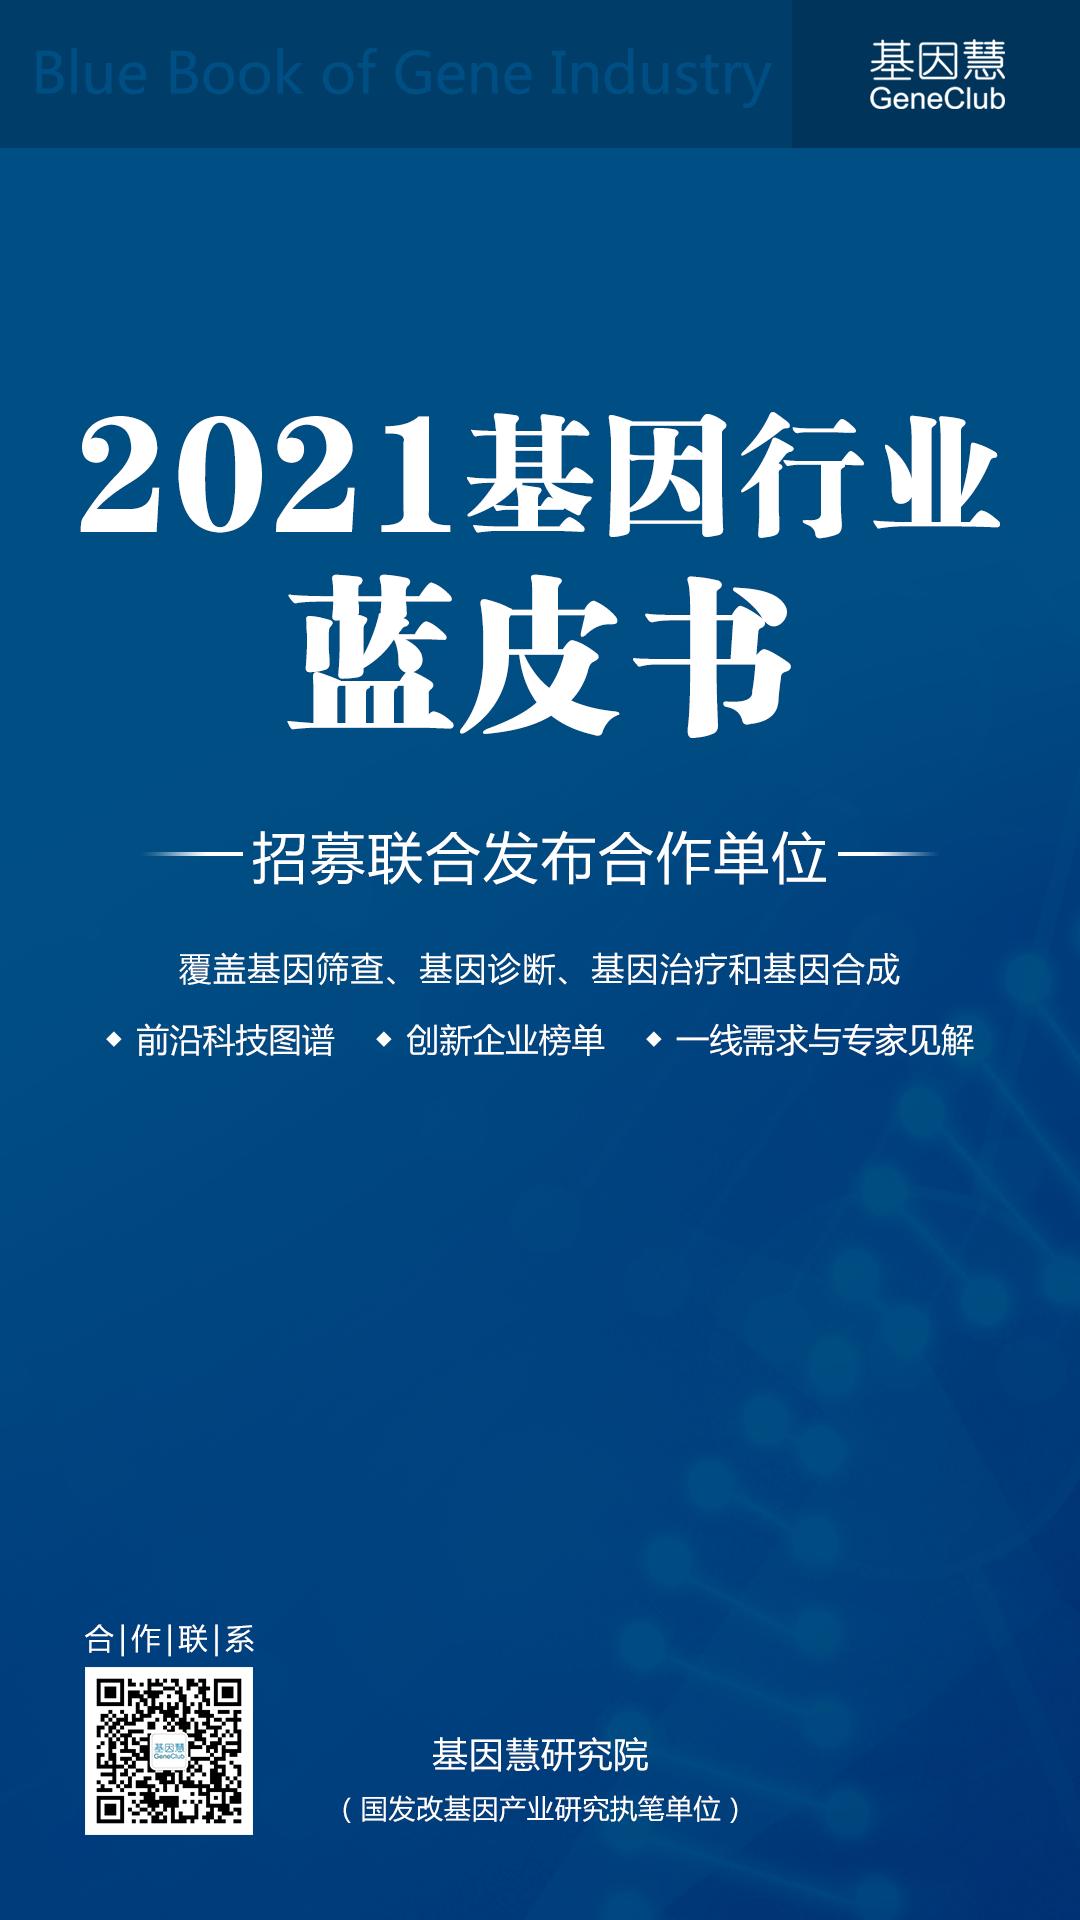 笃行致远,2021基因行业蓝皮书启动合作